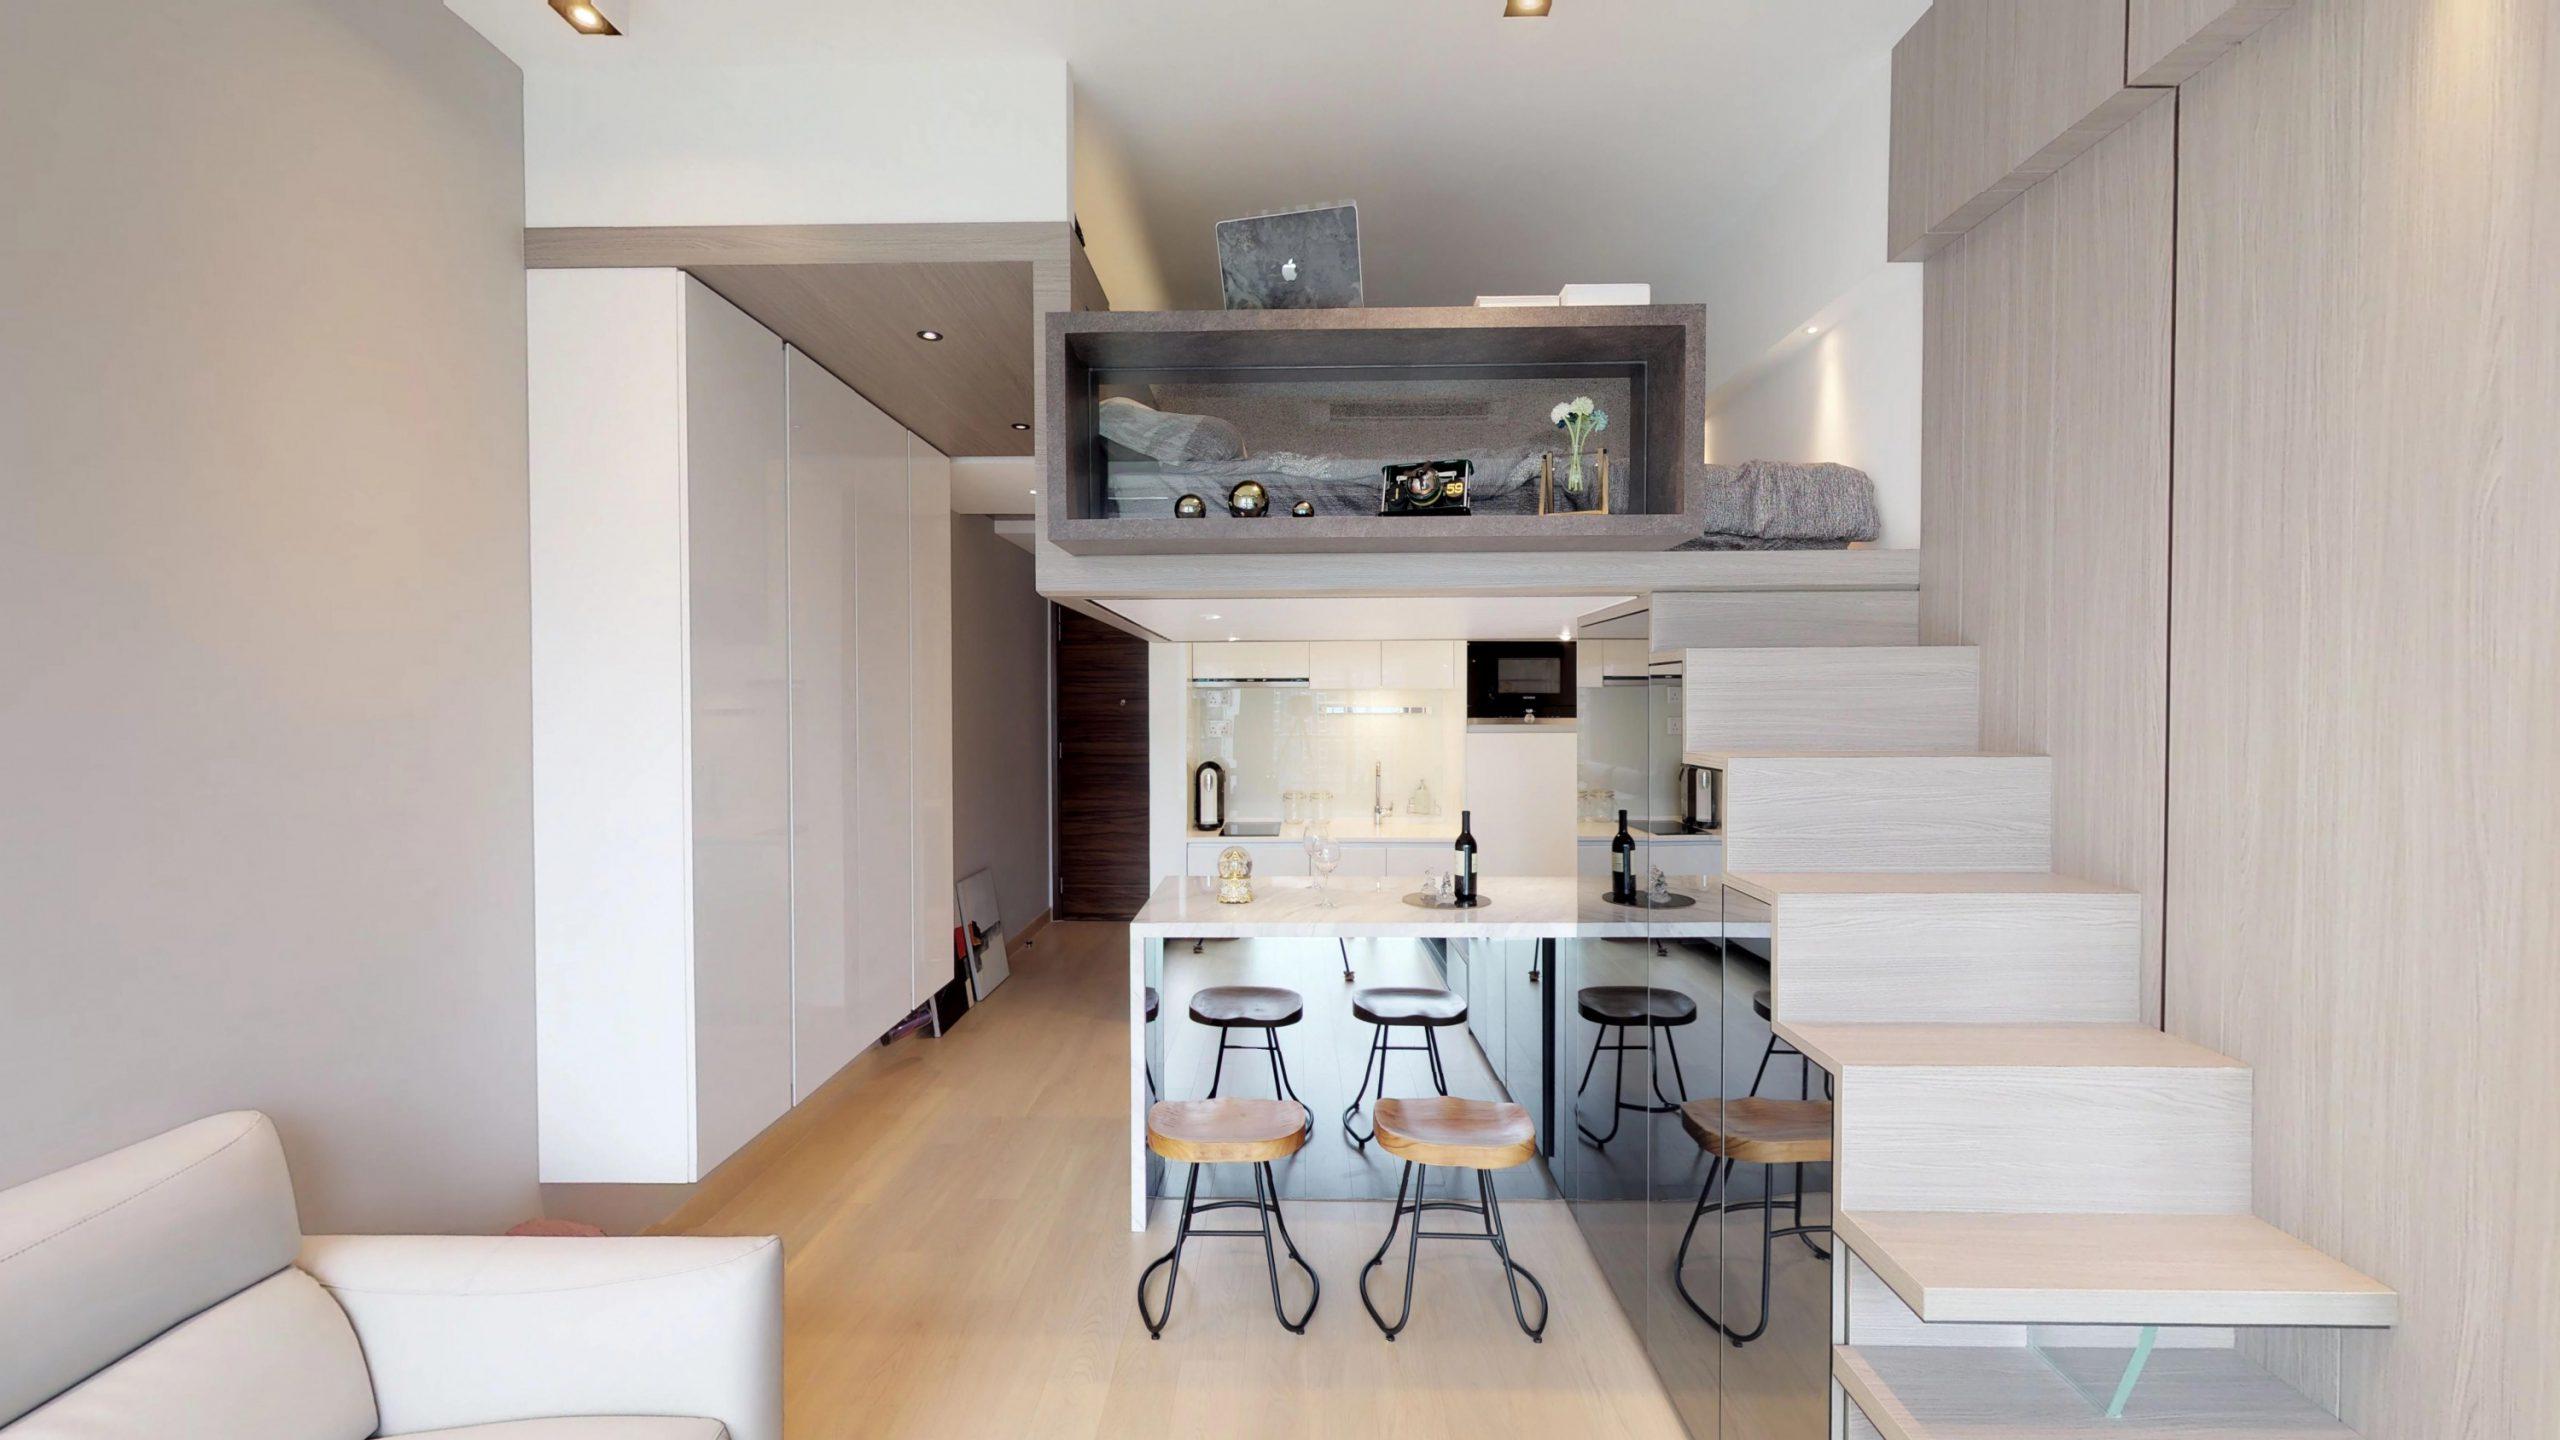 Phòng ngủ trên bếp